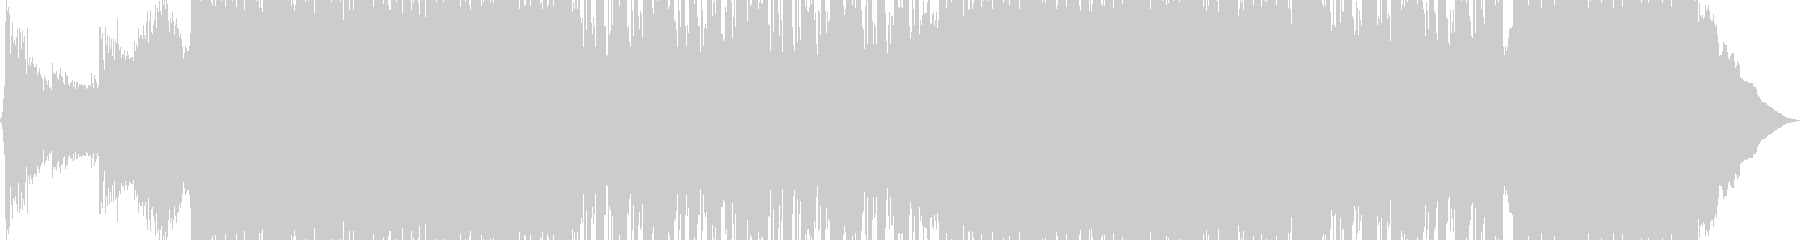 Grooveプロモーションミュージックの未再生の波形